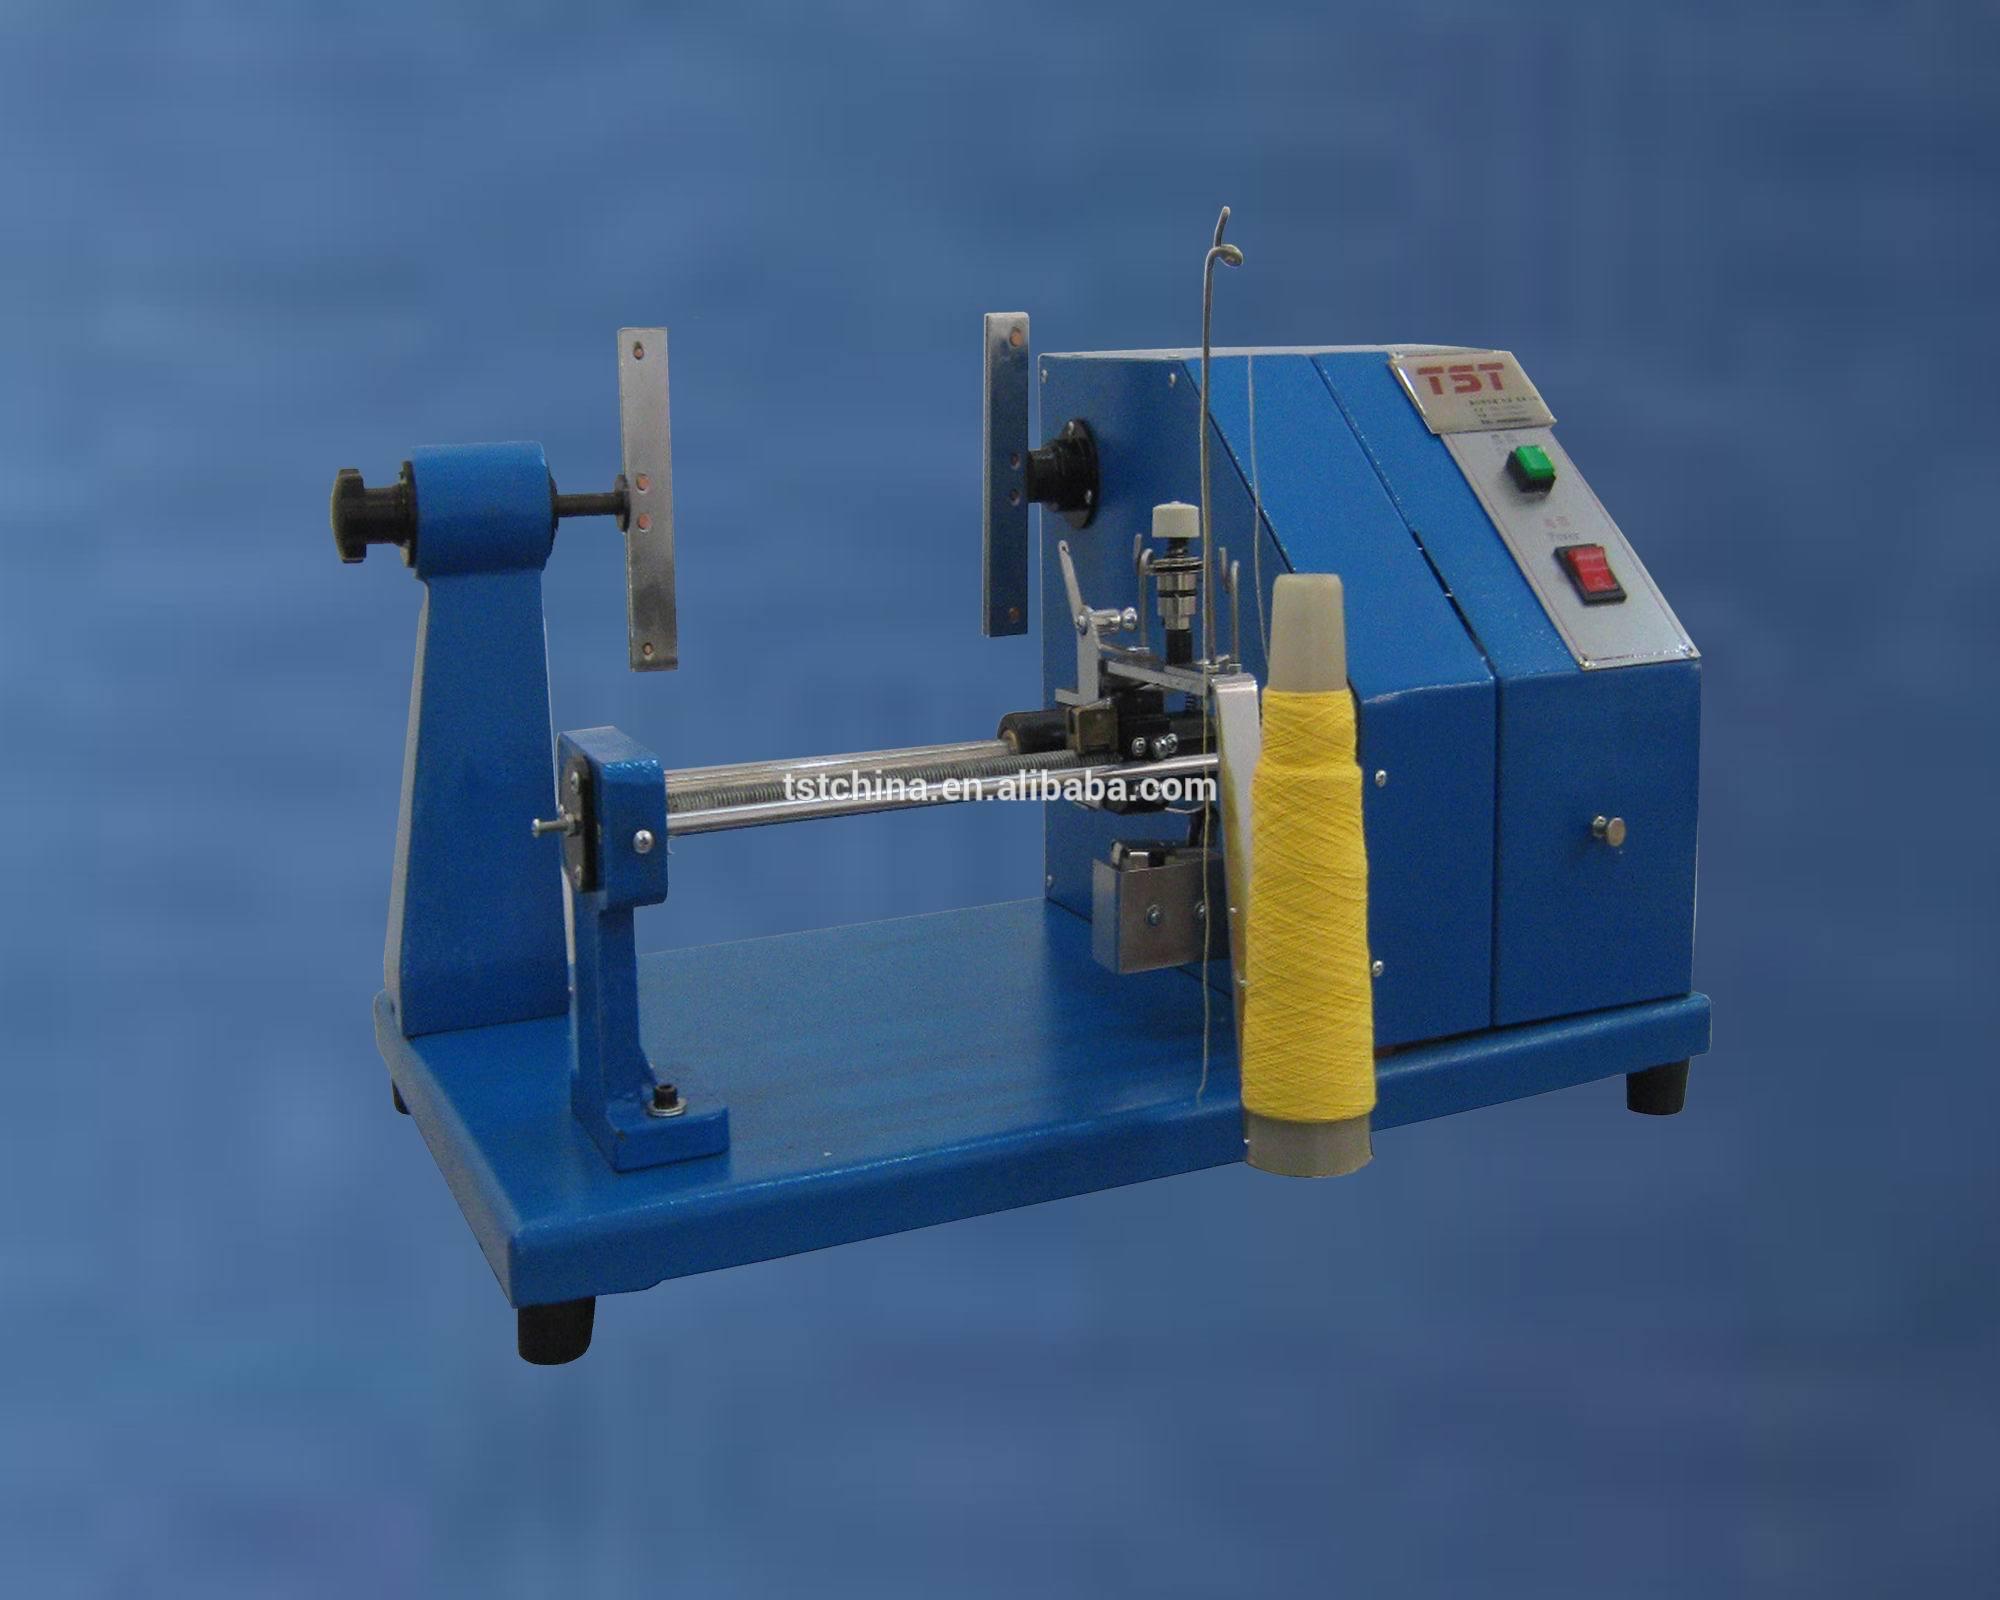 ASTM D2255电子纱线检测机 - 纱线均匀测试